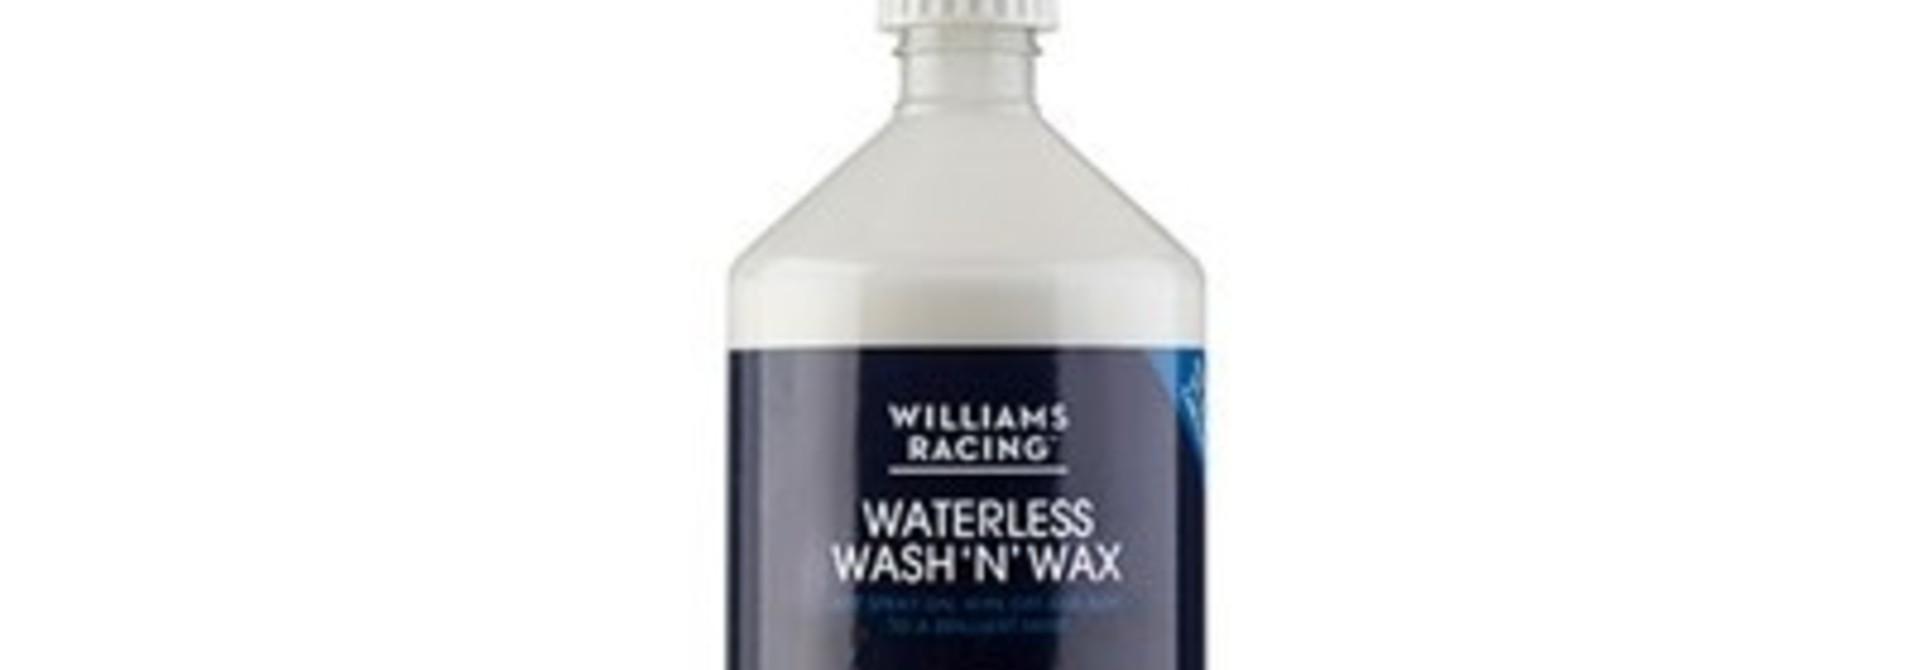 Waterless Wash n Wax